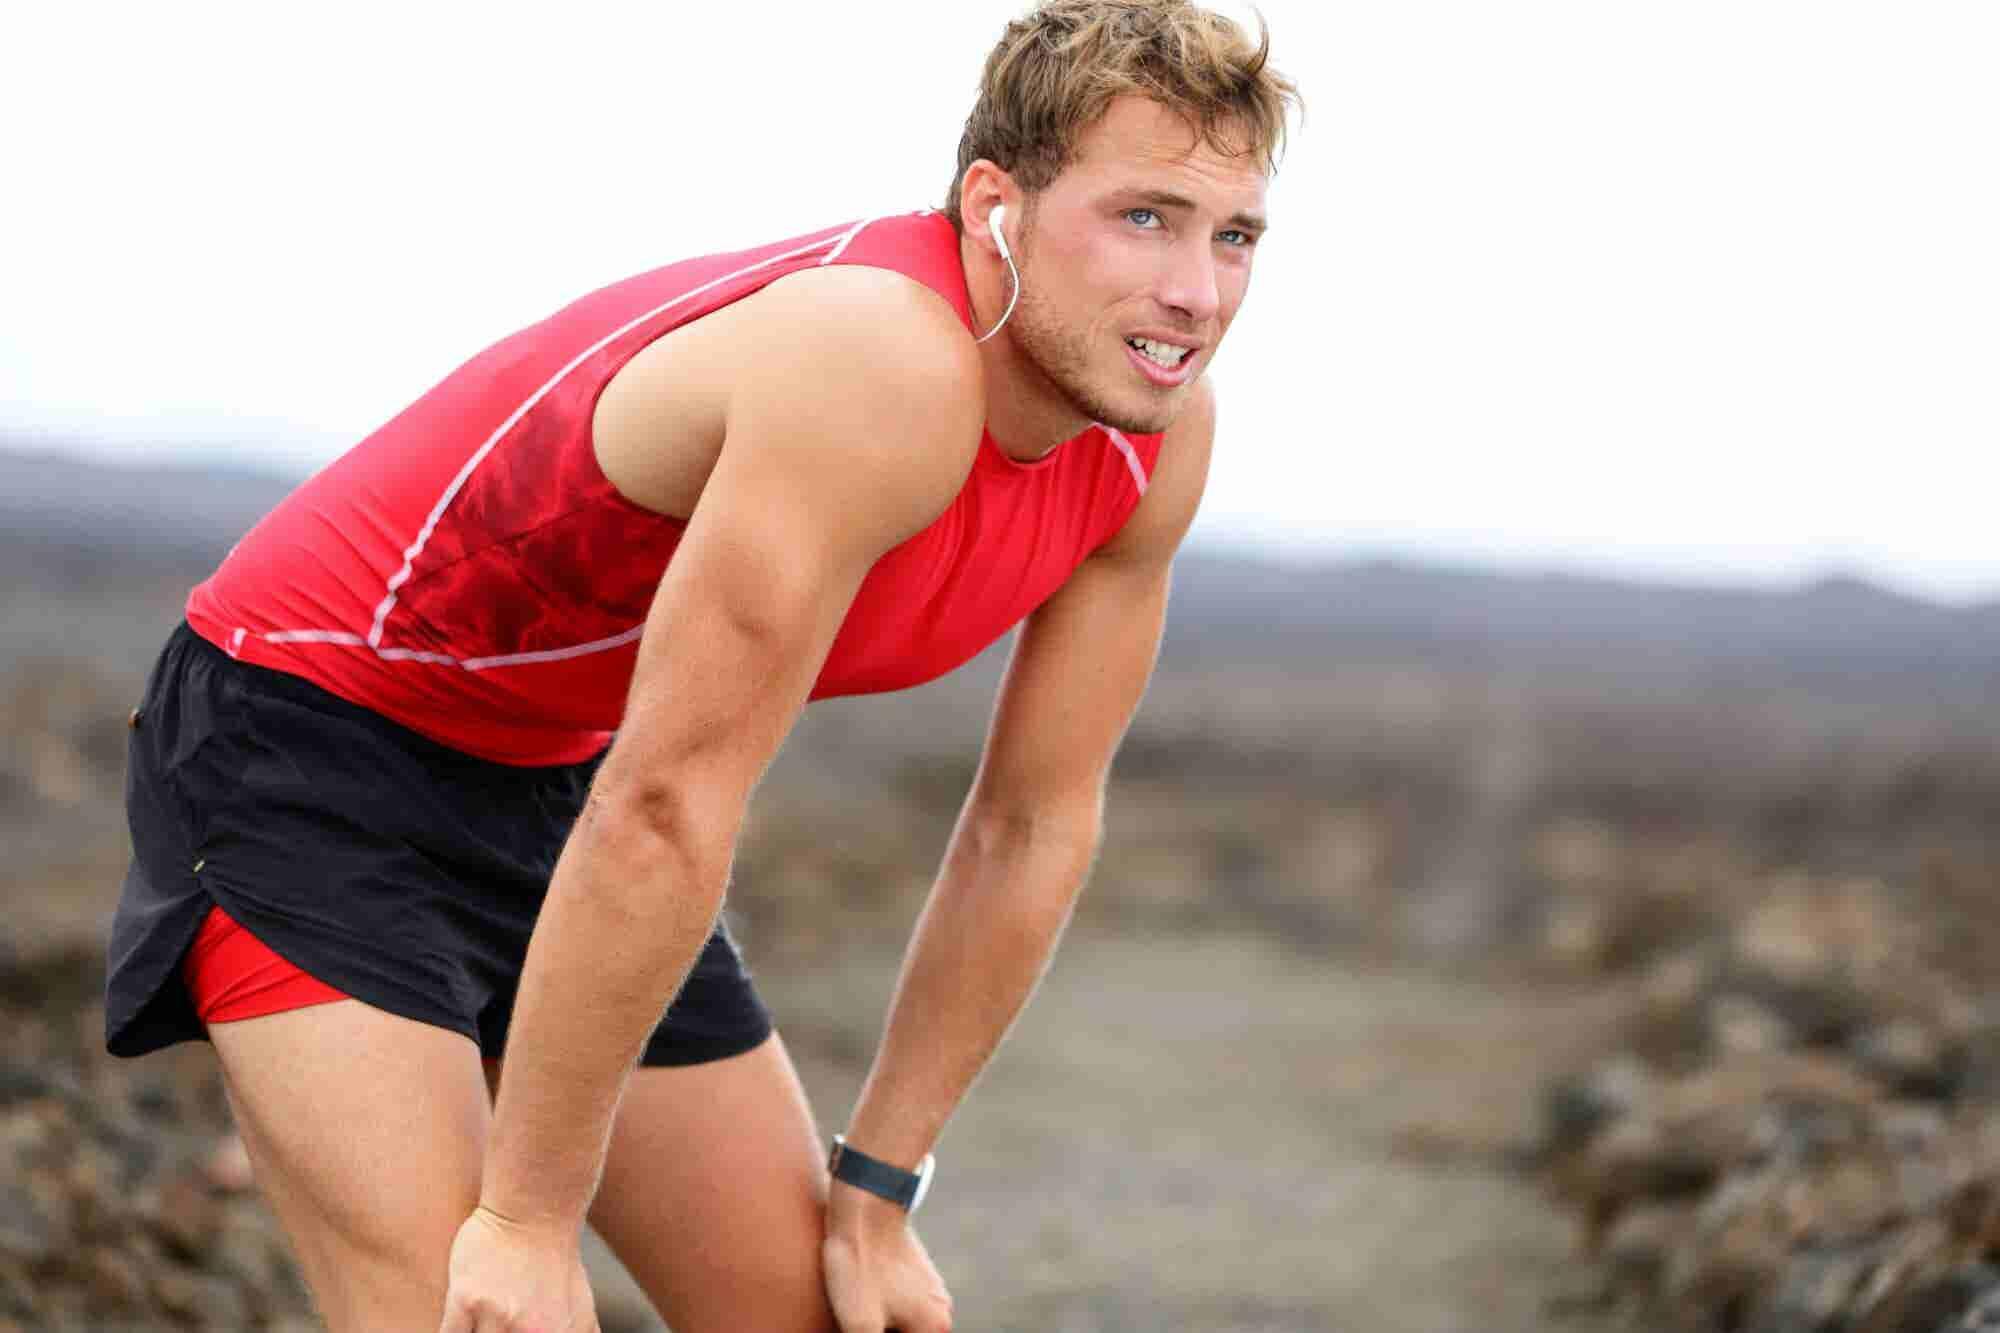 En los negocios y el maratón, no saber manejar la presión te lesiona